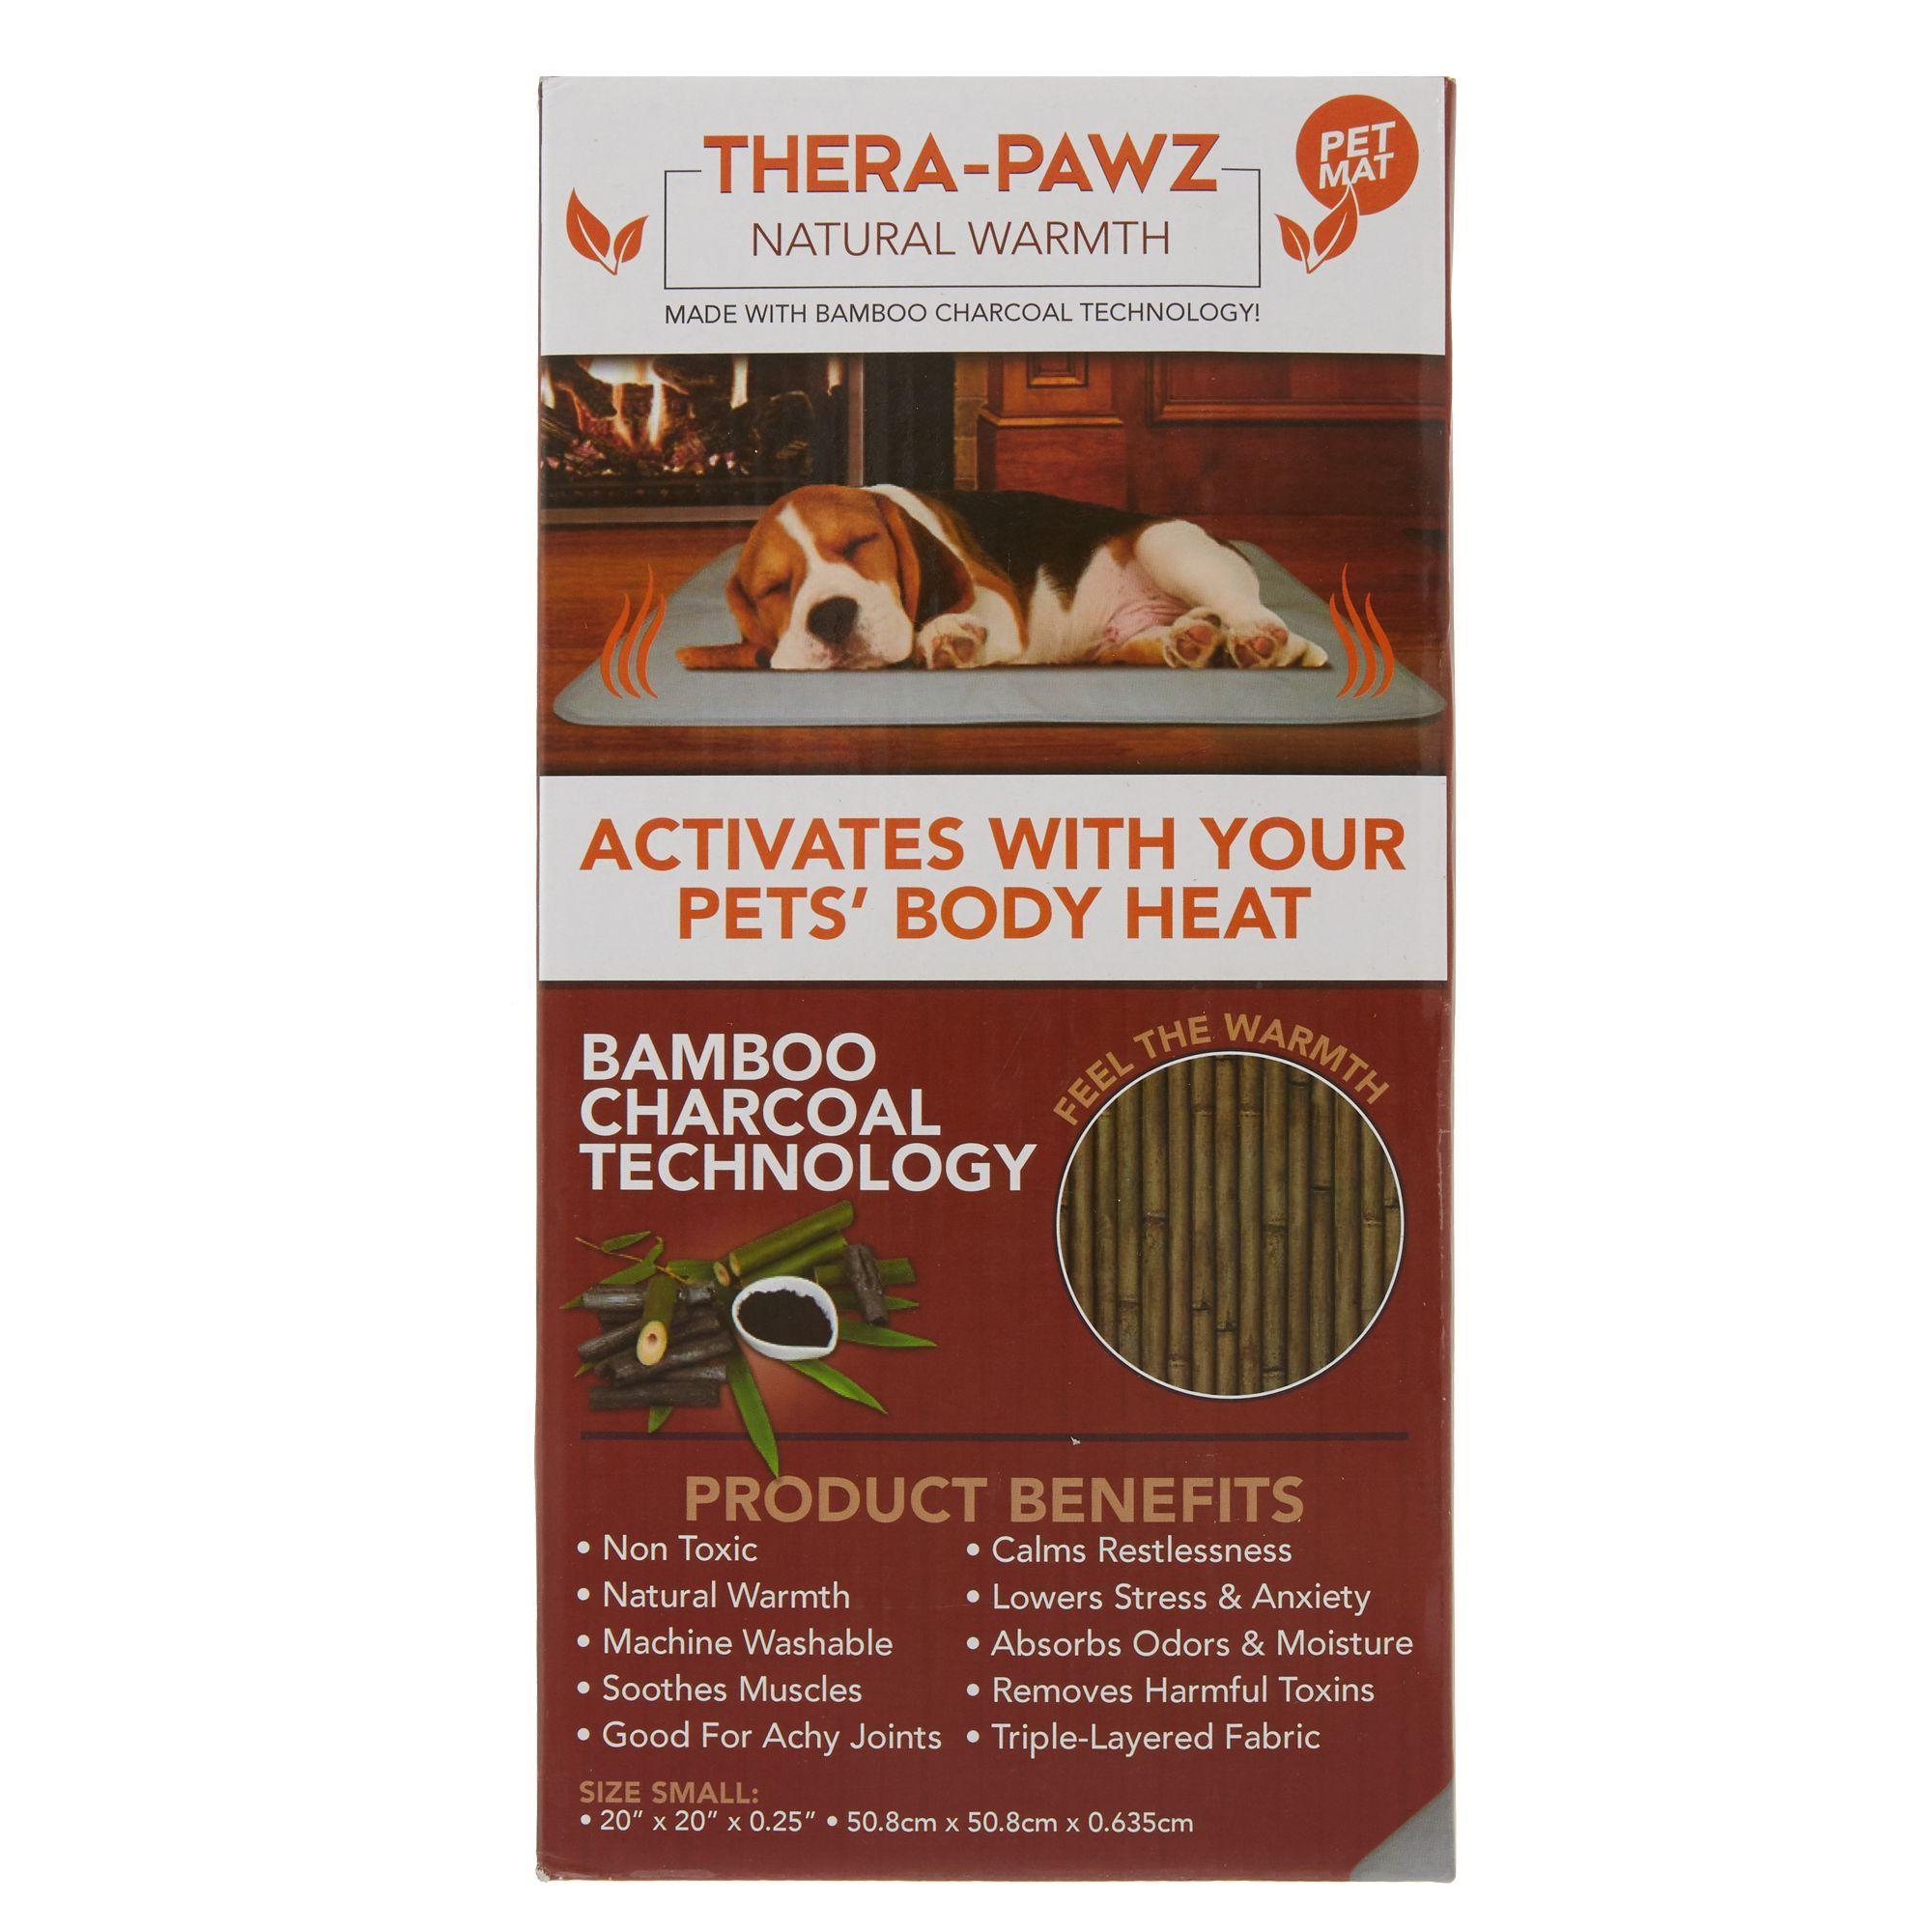 Thera Pawz Warming Pet Mat Size 20 L X 20 W Bamboo Charcoal